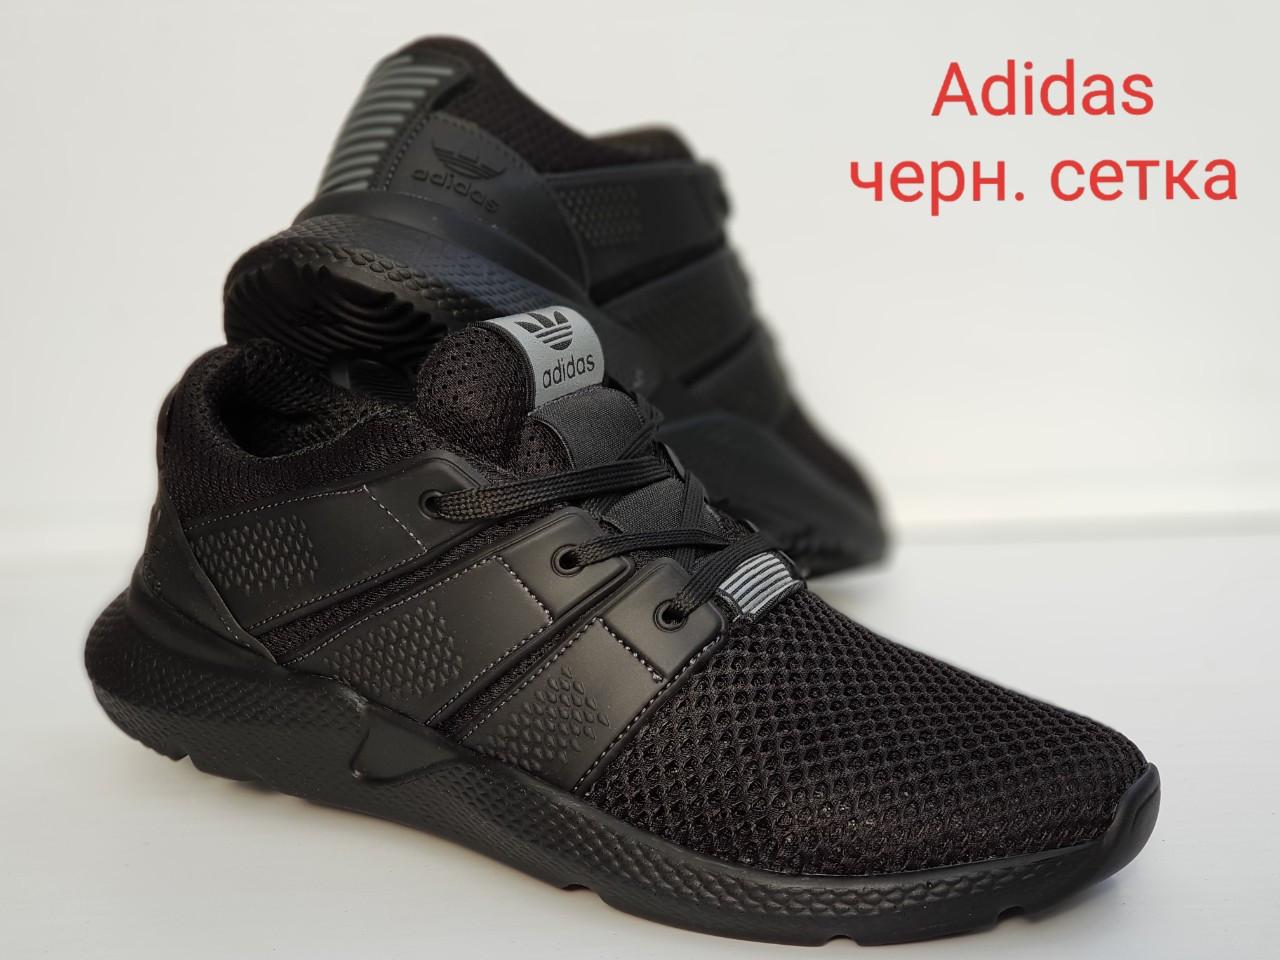 Кроссовки в стиле Adidas черная сетка